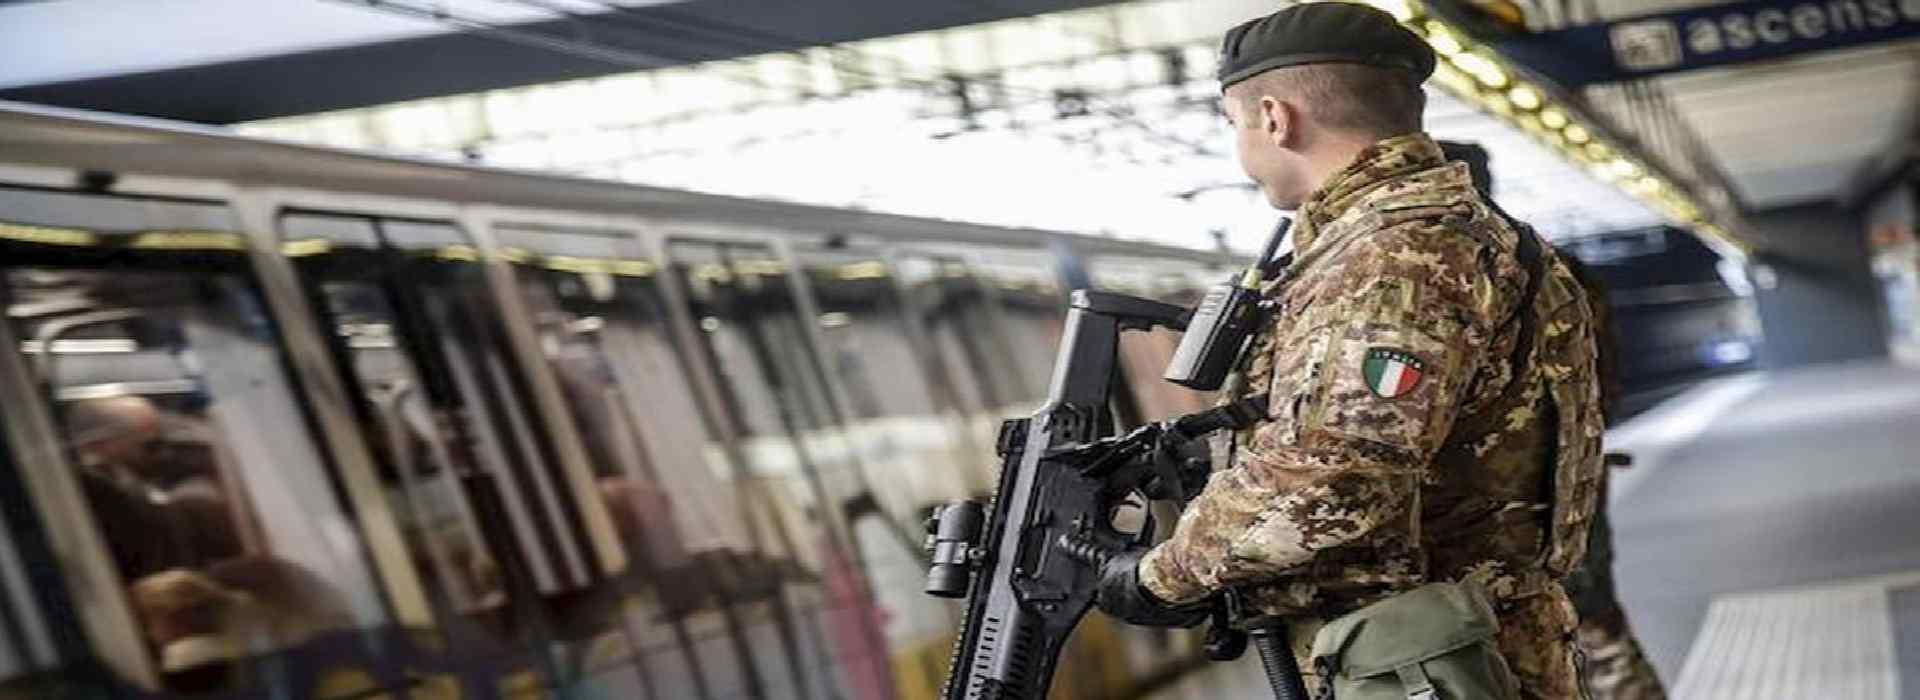 Schieramento di soldati a Milano su ordine della prefettura. Anche Mattarella d'accordo